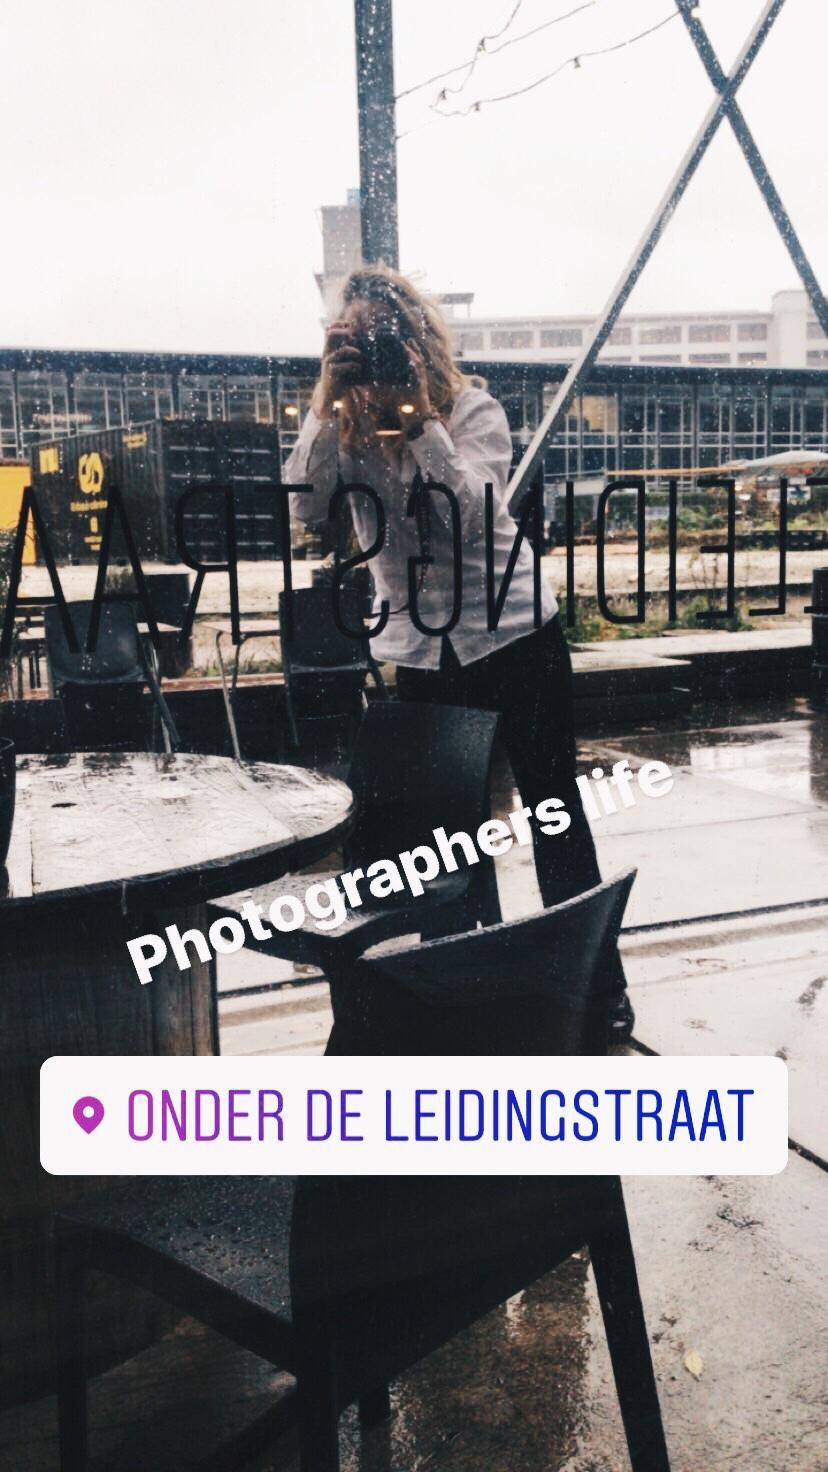 Het leven van een fotograaf, zo vol glamour,